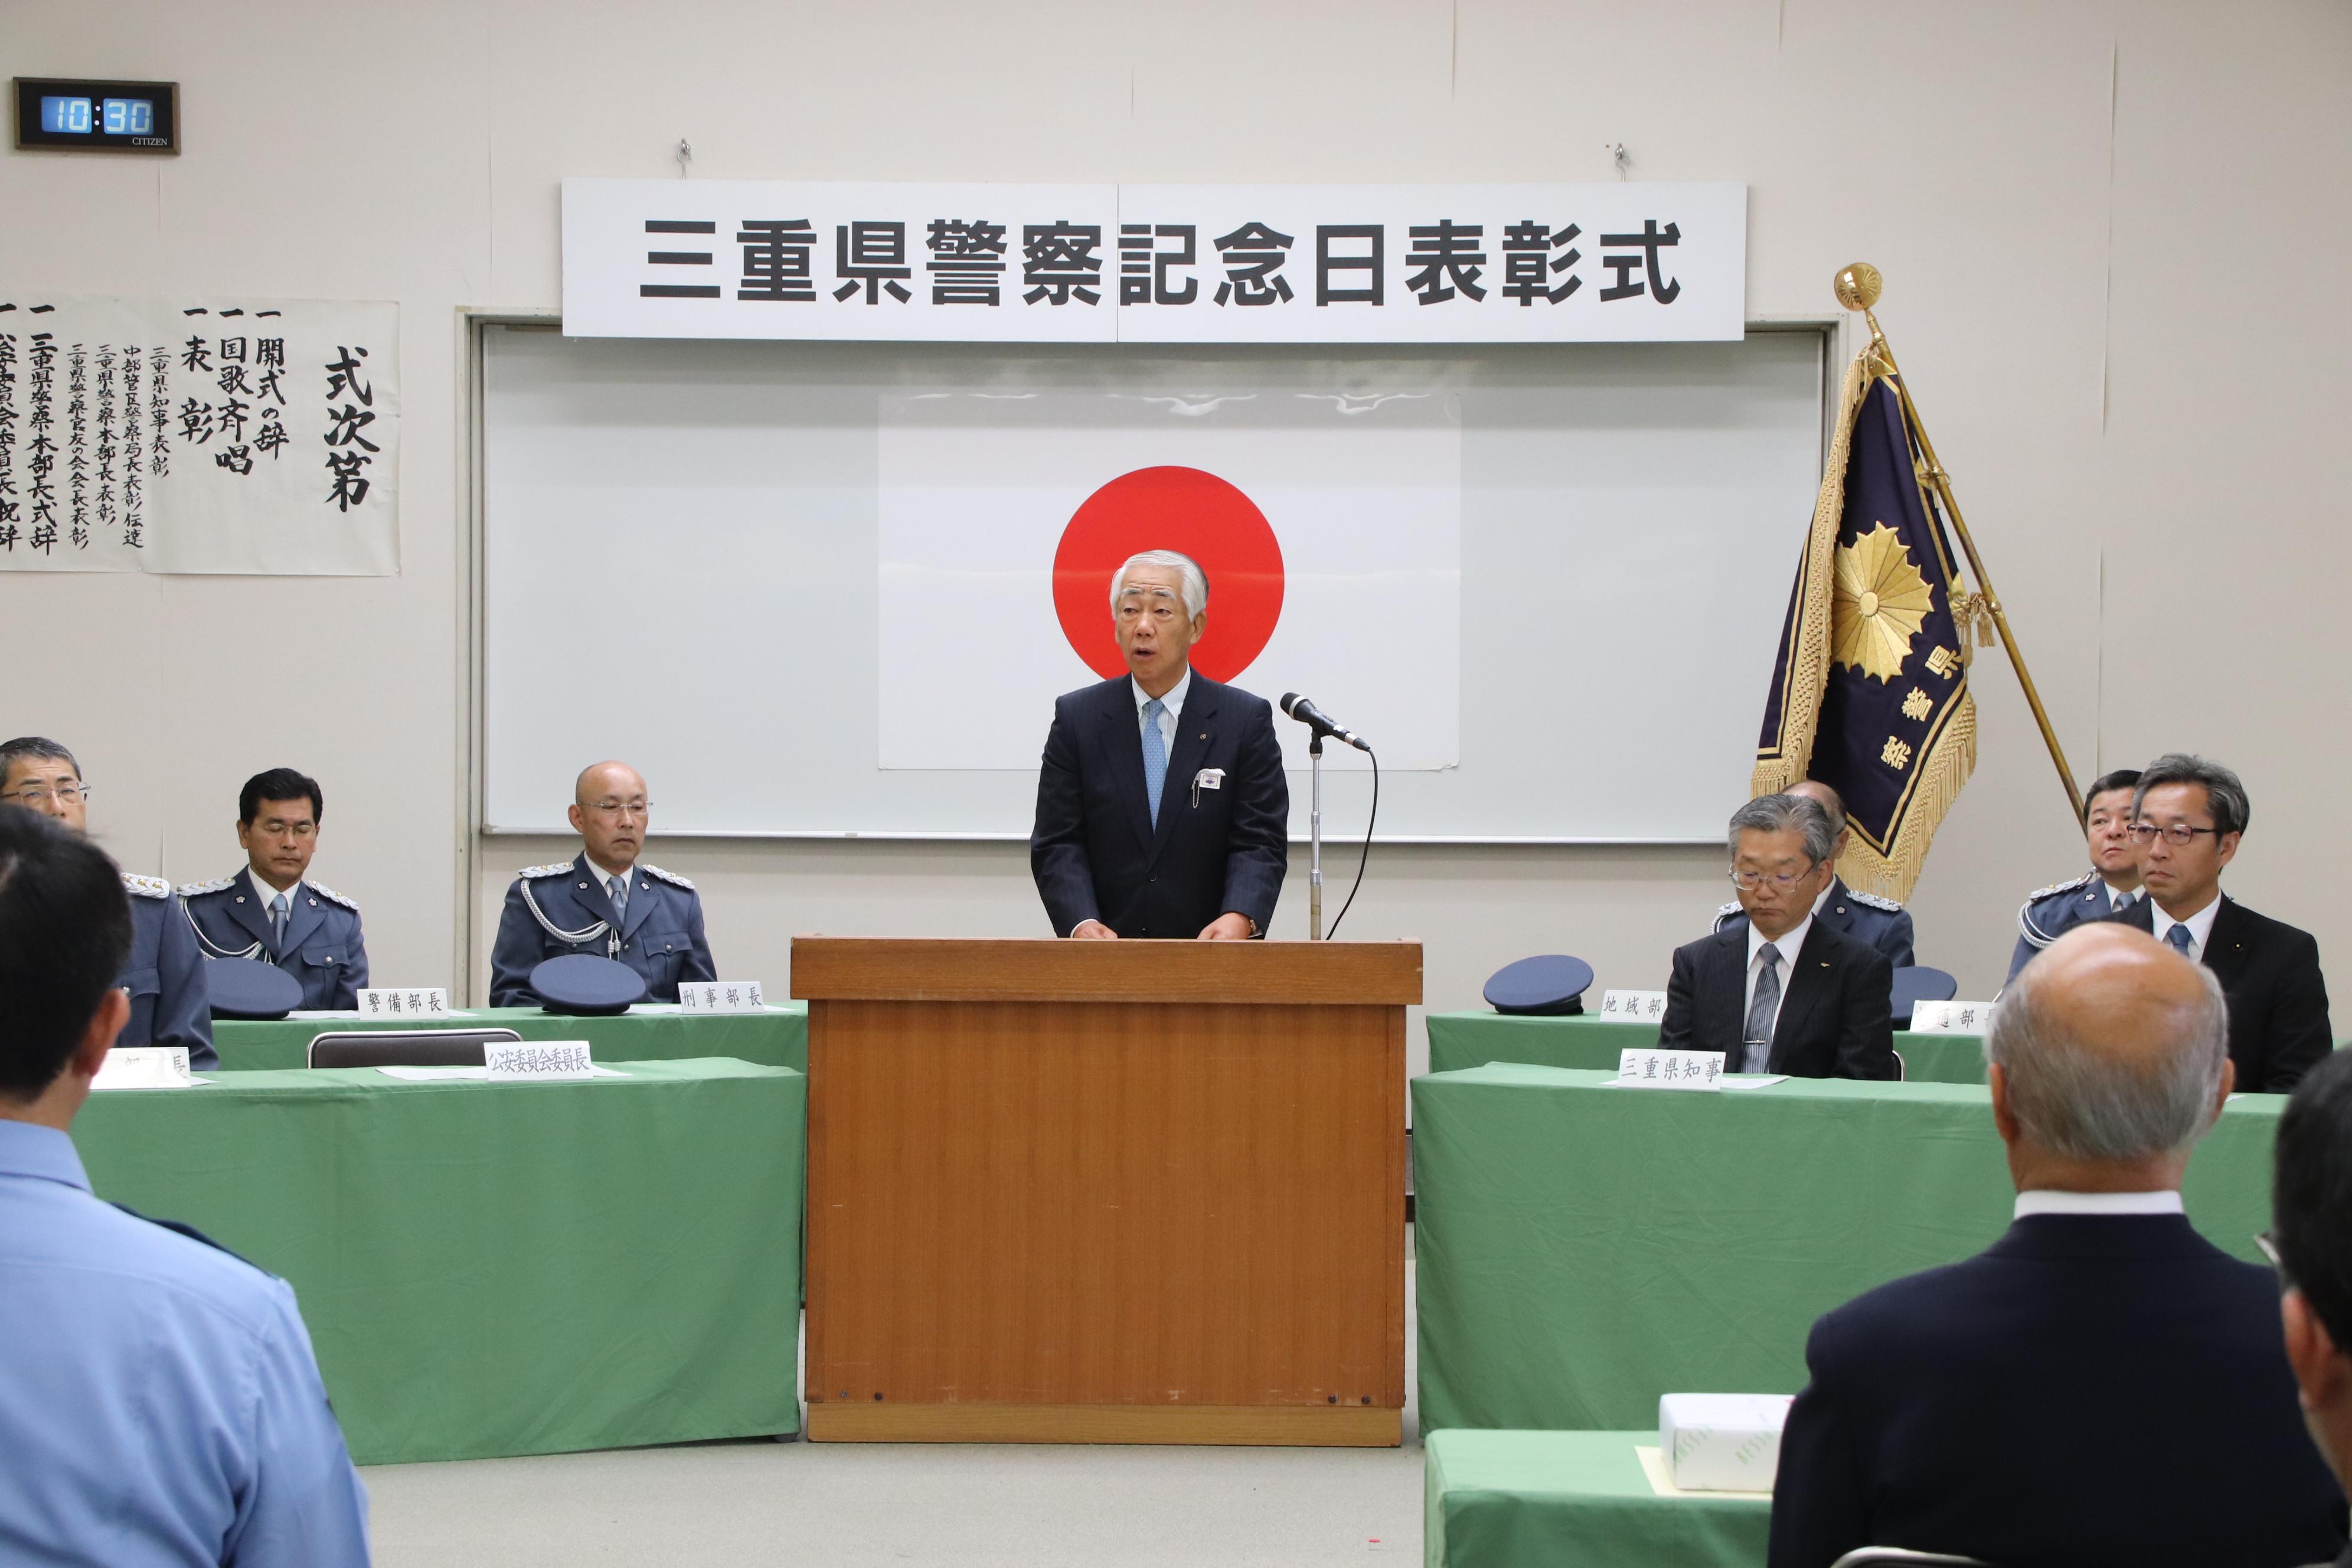 令和元年7月~9月までの主な活動状況-活動状況-三重県公安委員会 ...